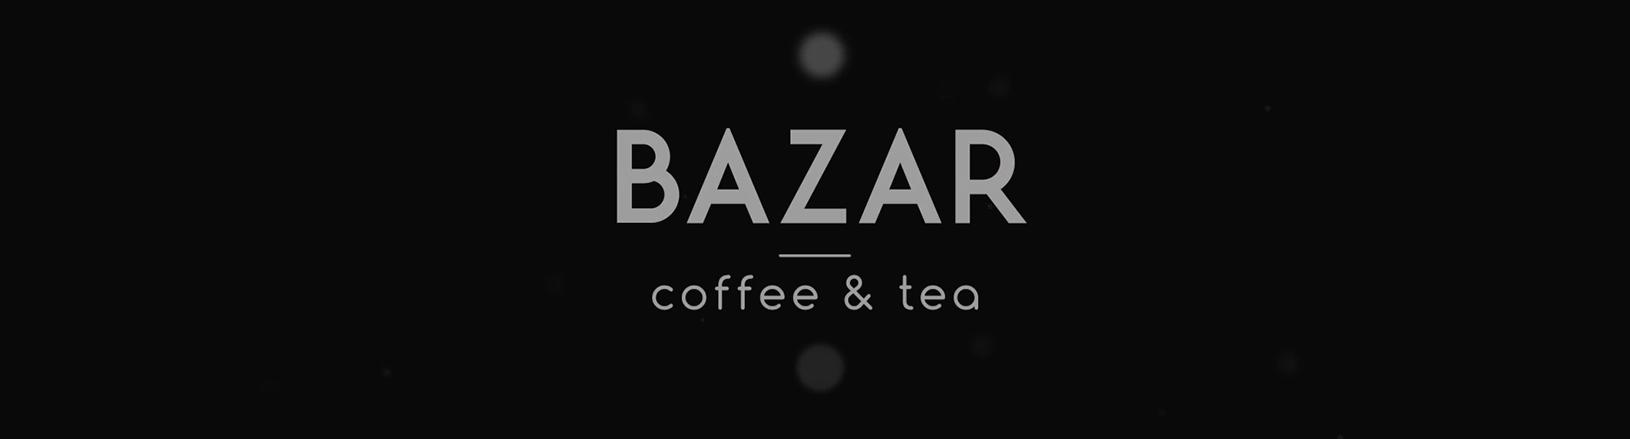 Bazar_Header.jpg